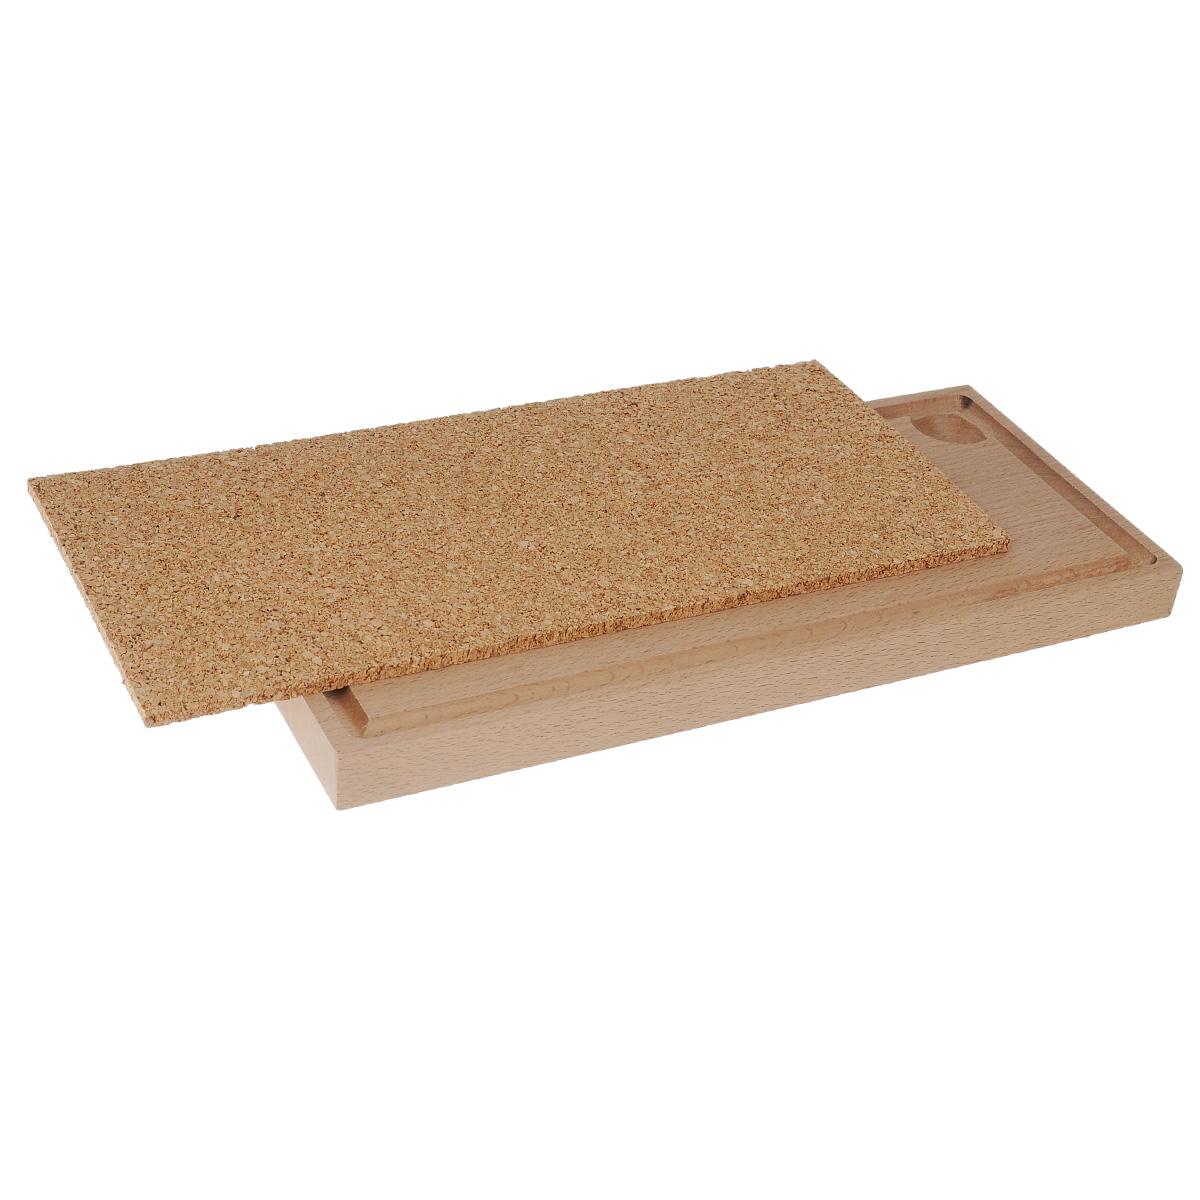 Доска для копчения, 34 см х 15 см х 2,2 см31700000Доска предназначена для копчения. На ней удобно готовить рыбу, мясо, птицу. Выполнена из бука с подставкой из пробкового дерева. Нет необходимости перекладывать в блюдо, можно подавать сразу на доске. Пробковая доска используется как подставка под горячее.Способ применения: перед первым использованием смазать доску оливковым маслом. Поместить доску в печь с температурой 100°С на два часа. Удалить с доски избыток масла. Бук, пробковое дерево